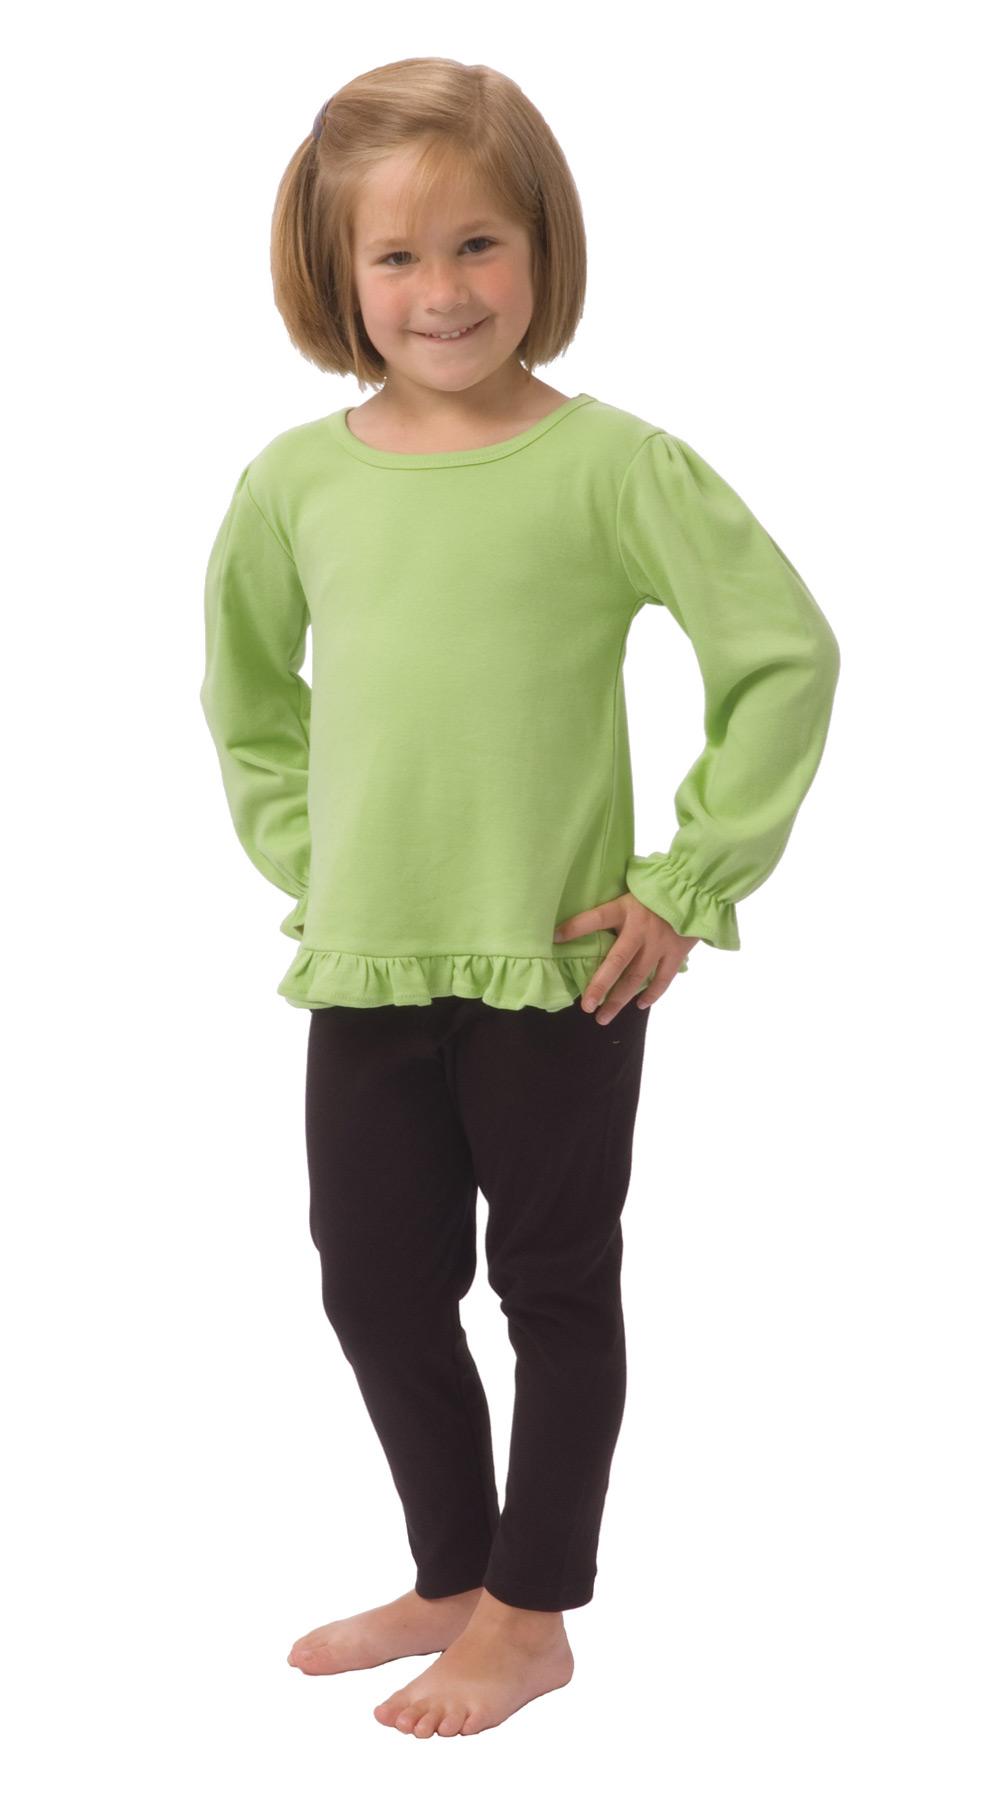 Monag 102315 - Baby Rib Legging